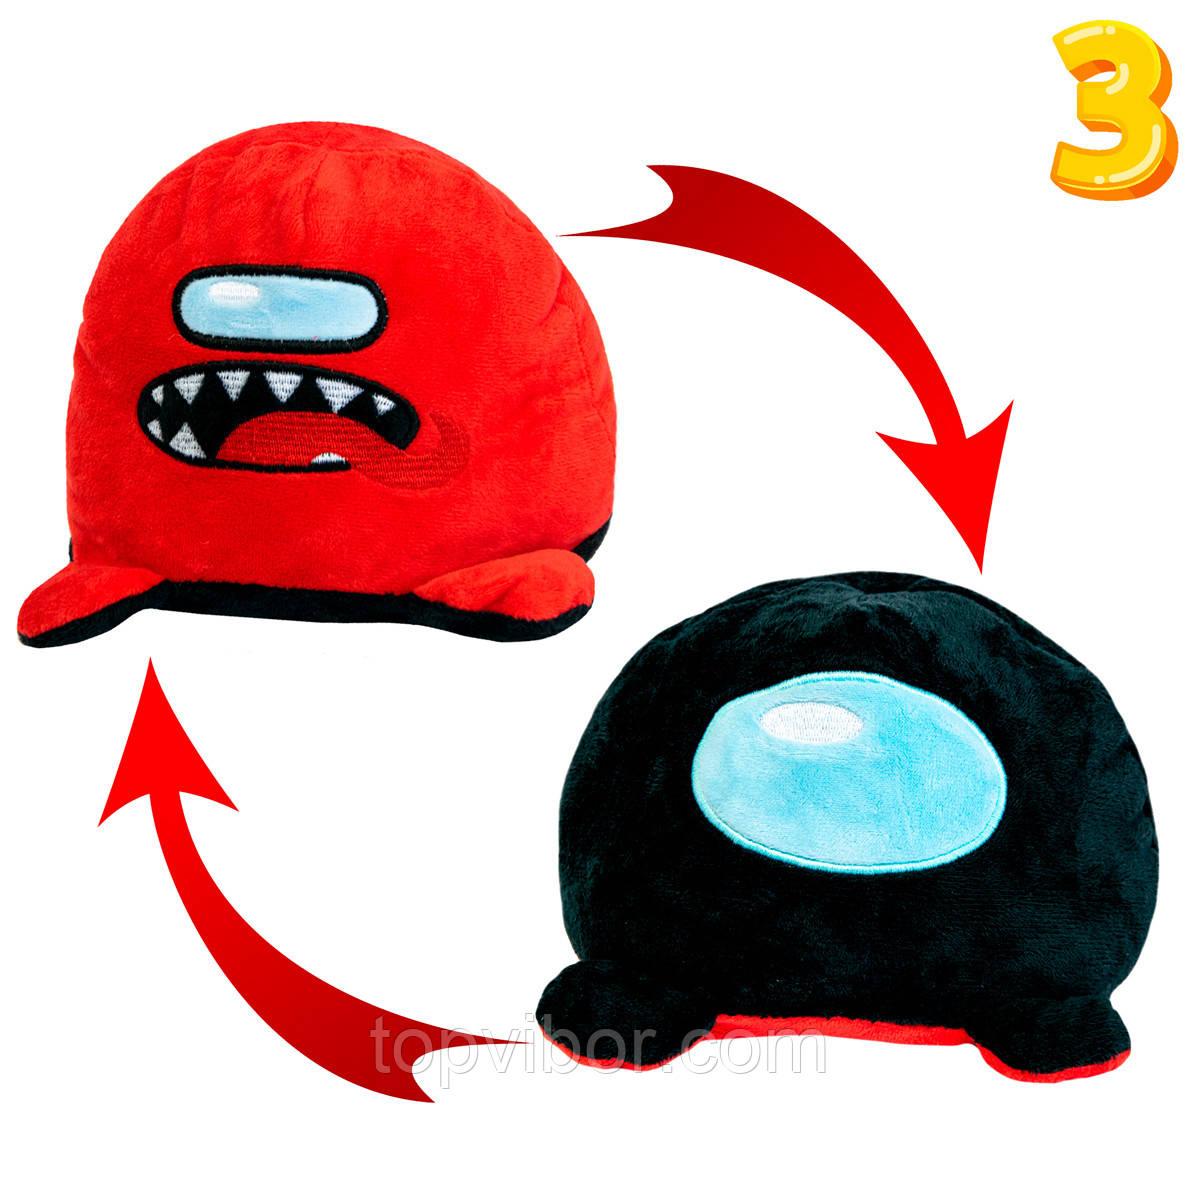 """Амонг ас """"Червоний з чорним №3"""" іграшка вивернушка, плюшева іграшка перевертень Amongus 13х16 см (эмонг ас)"""